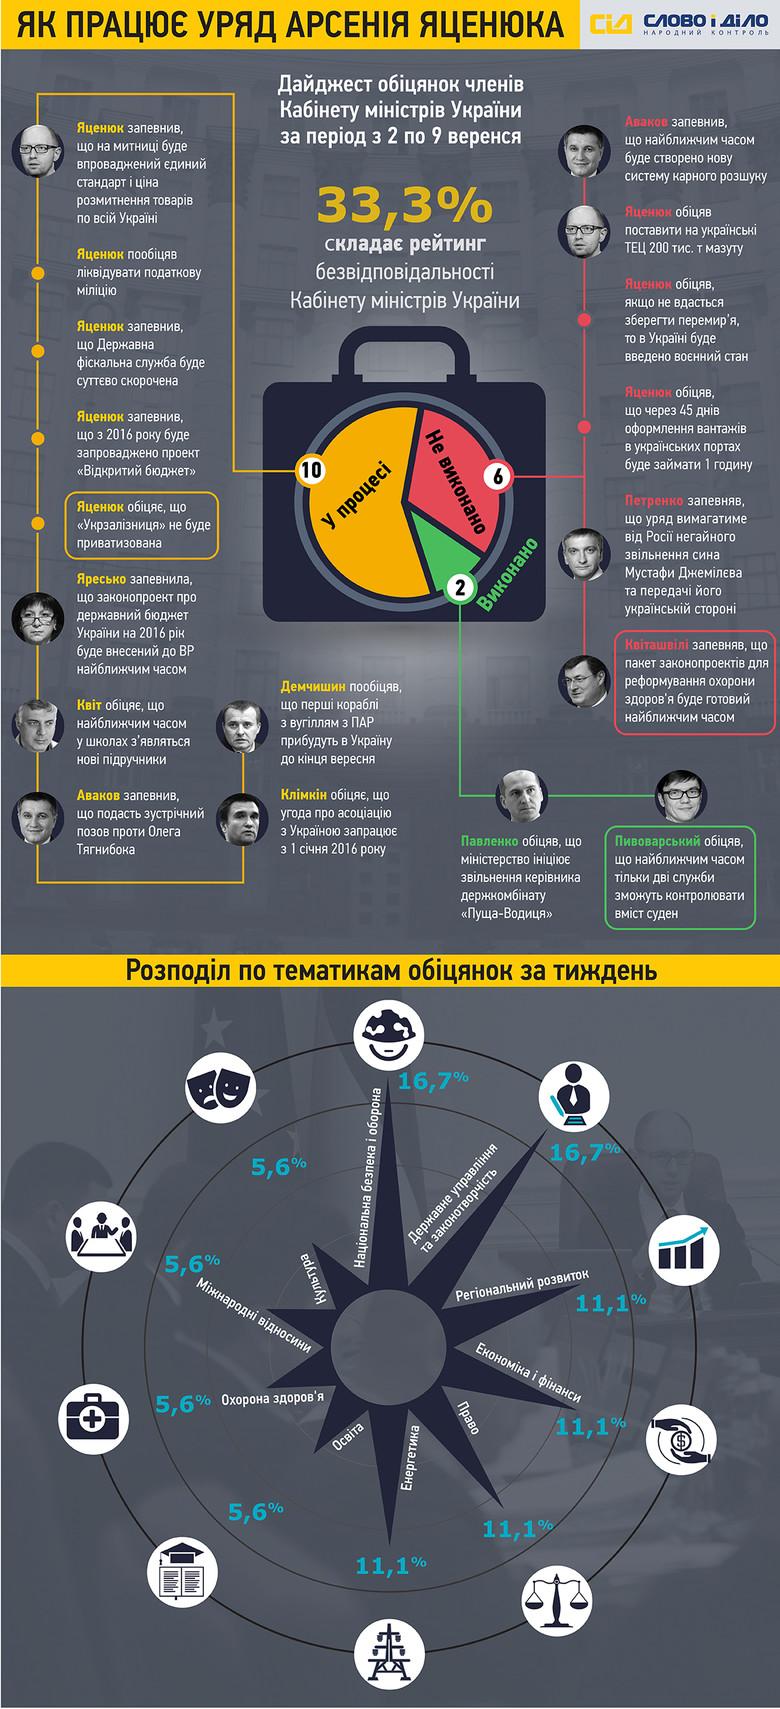 Протягом тижня, що минув, члени українського уряду встигли роздати 10 нових обіцянок і провалити 6 тих, що були озвучені раніше.